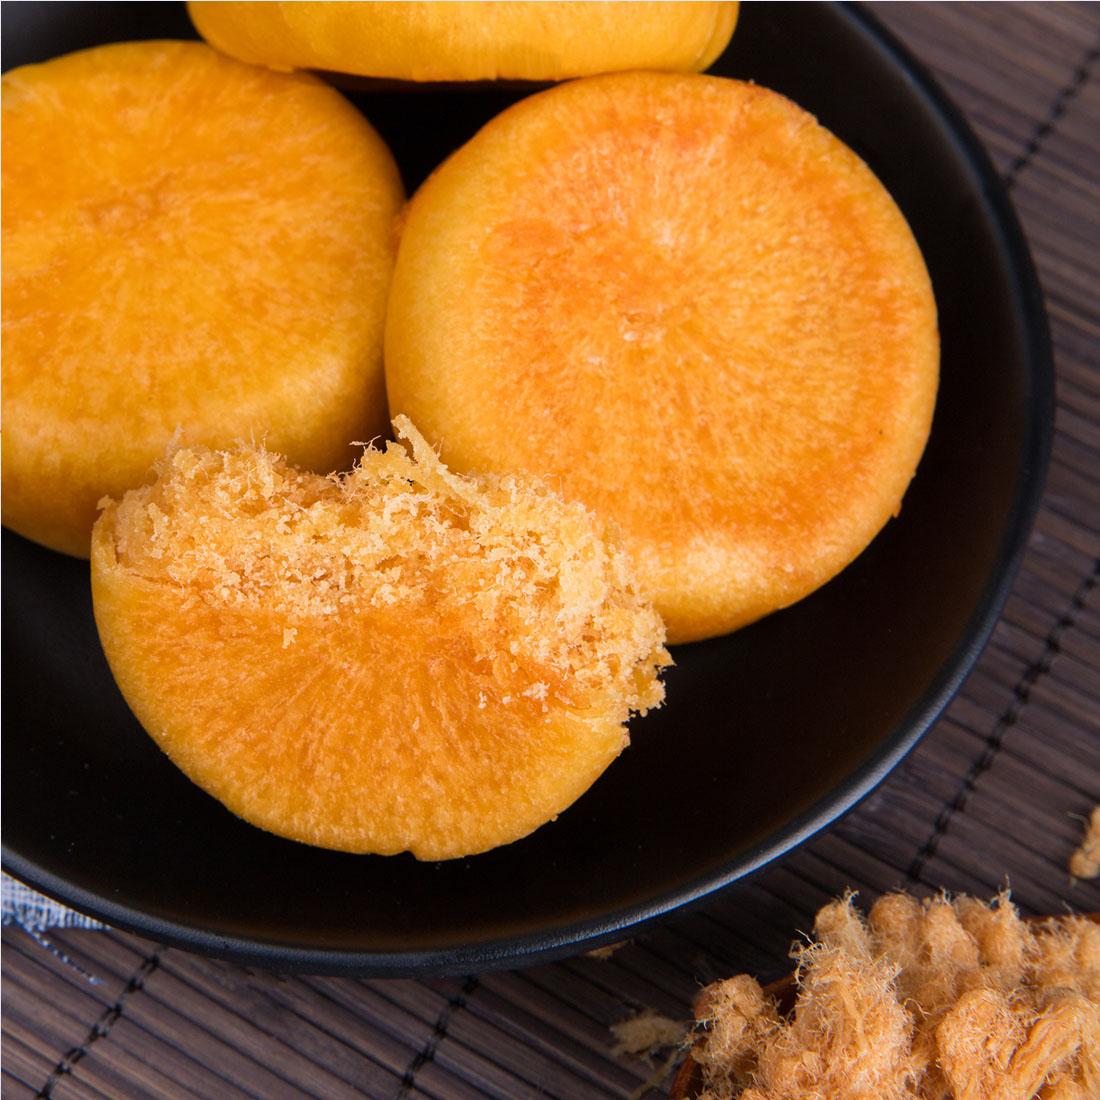 网红零食葛老头肉松饼十个约450g